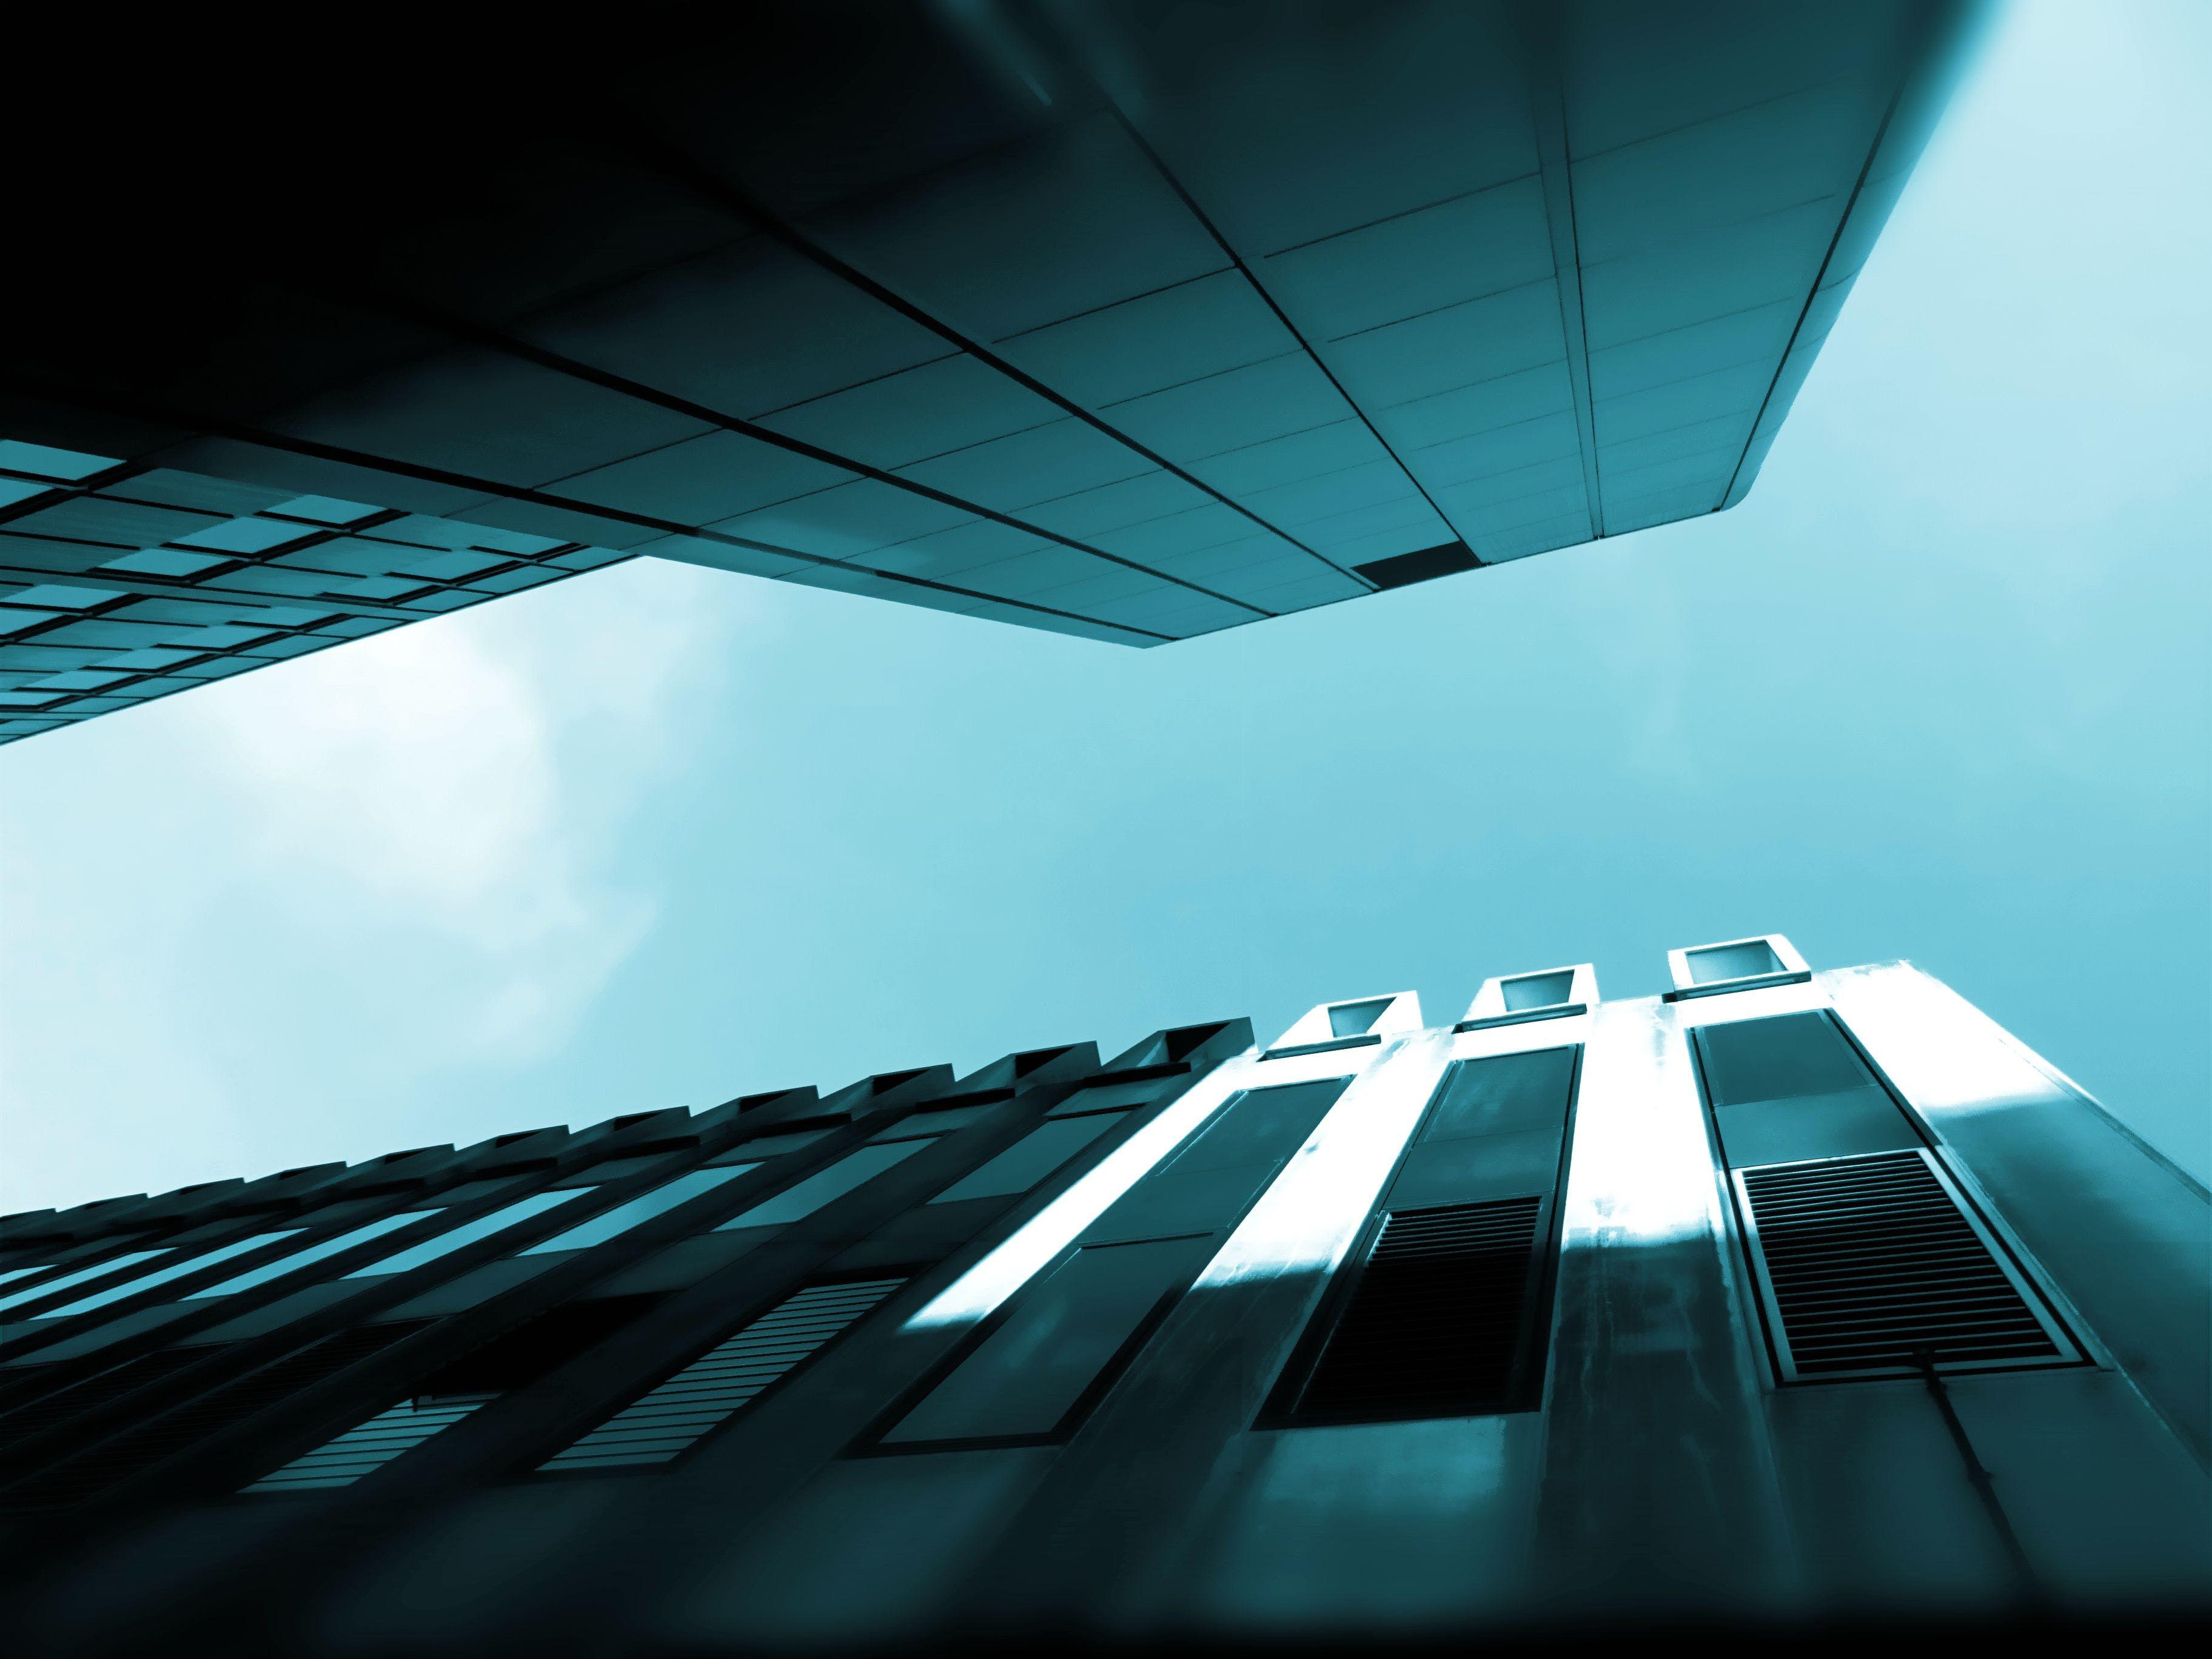 Kostenloses Stock Foto zu architekt, architekturdesign, aufnahme von unten, außen